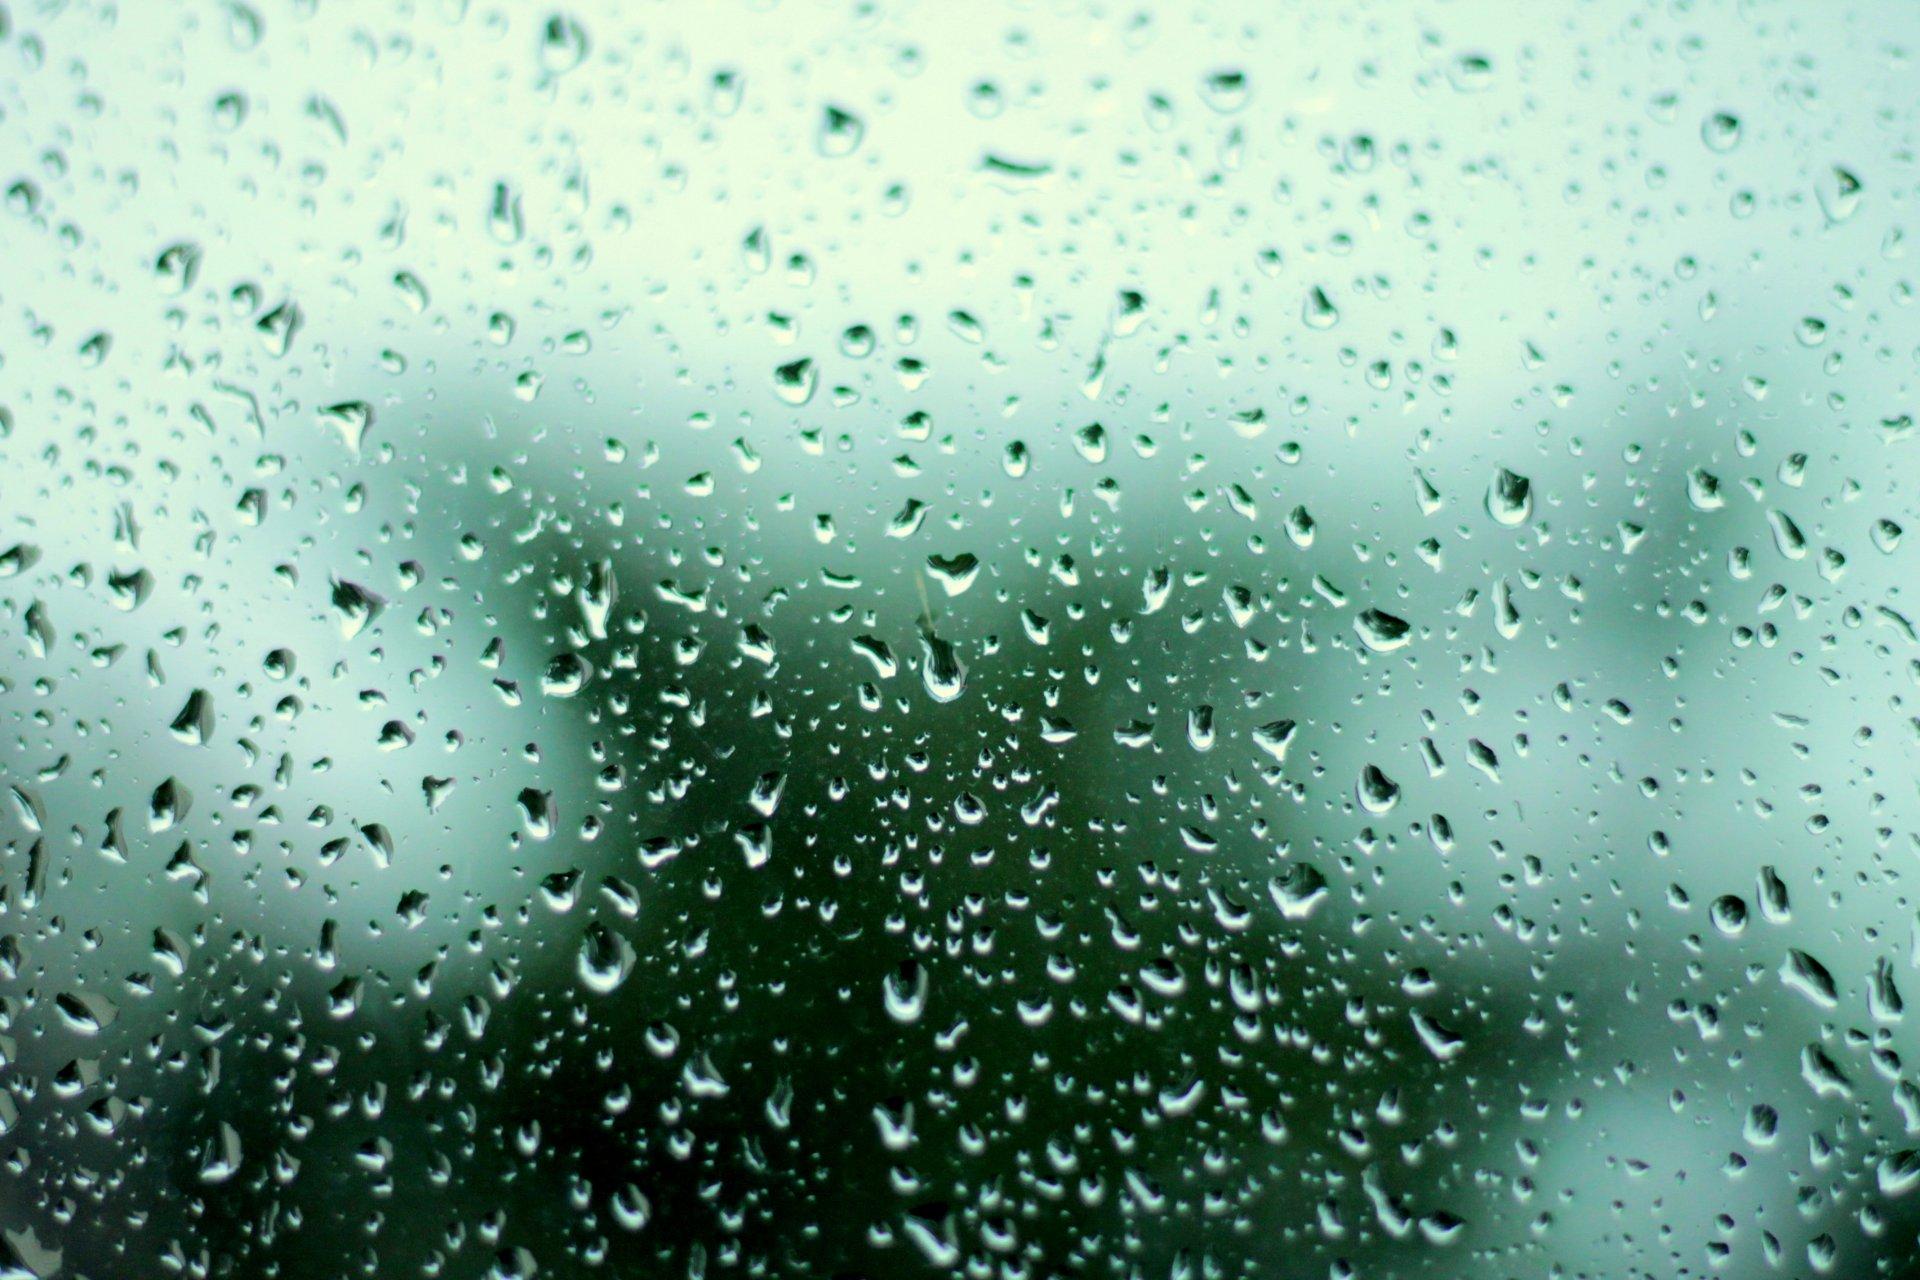 есть сцены, картинки стекло вода грусть весна пошли береговой